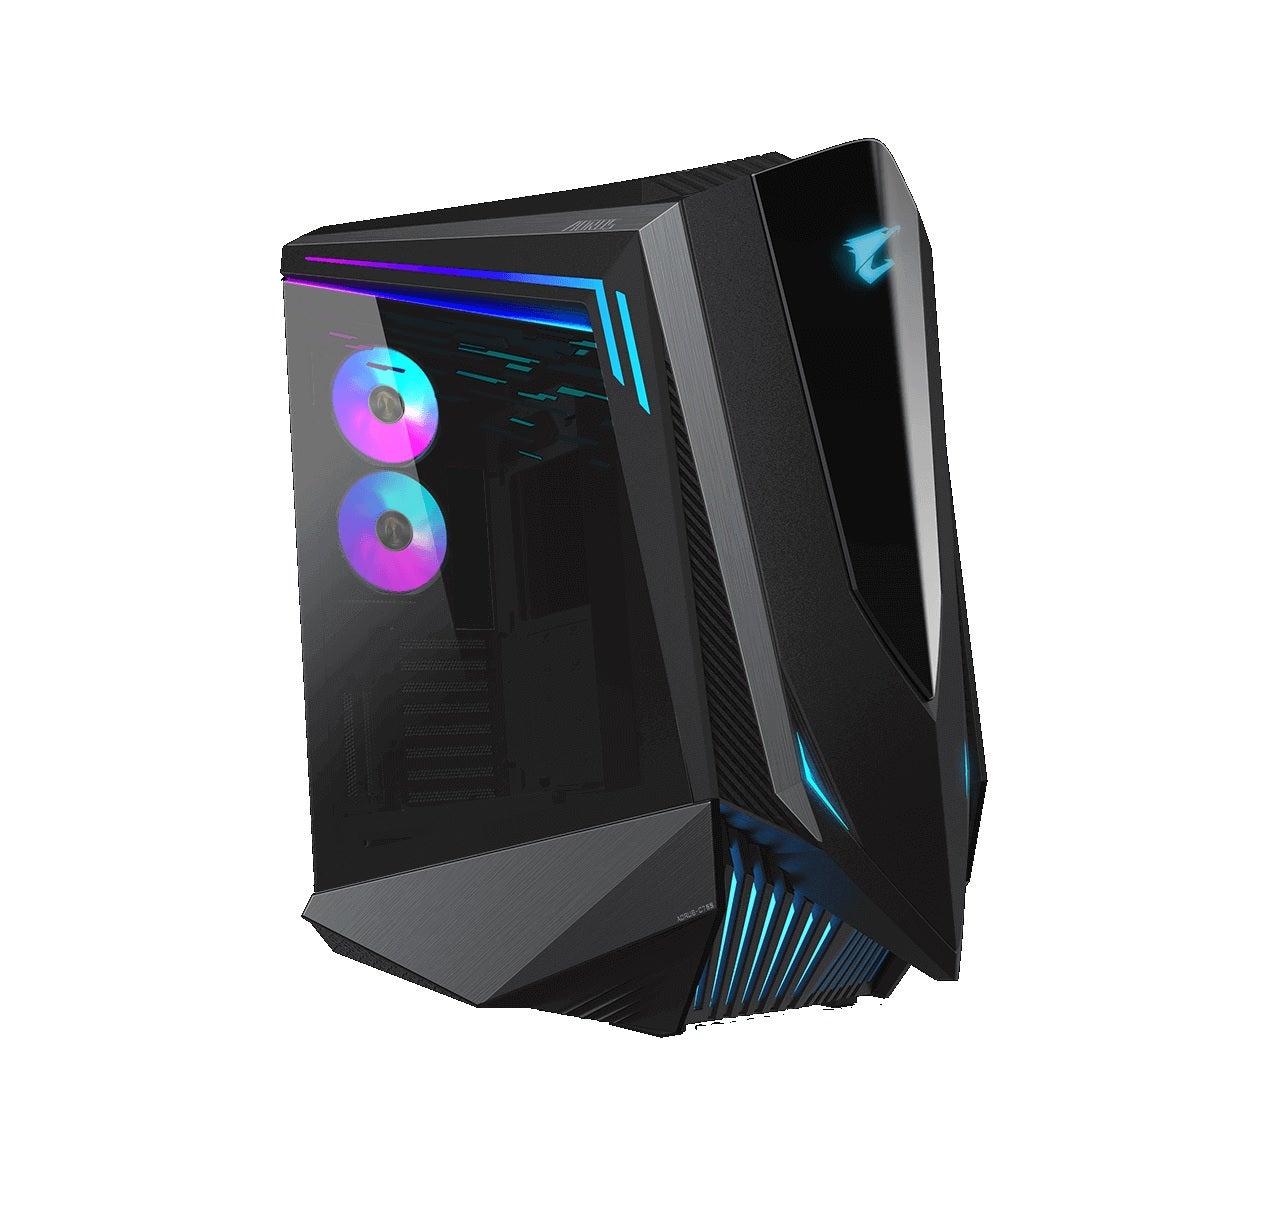 Gigabyte Aorus C700 Glass Full Tower Computer Case